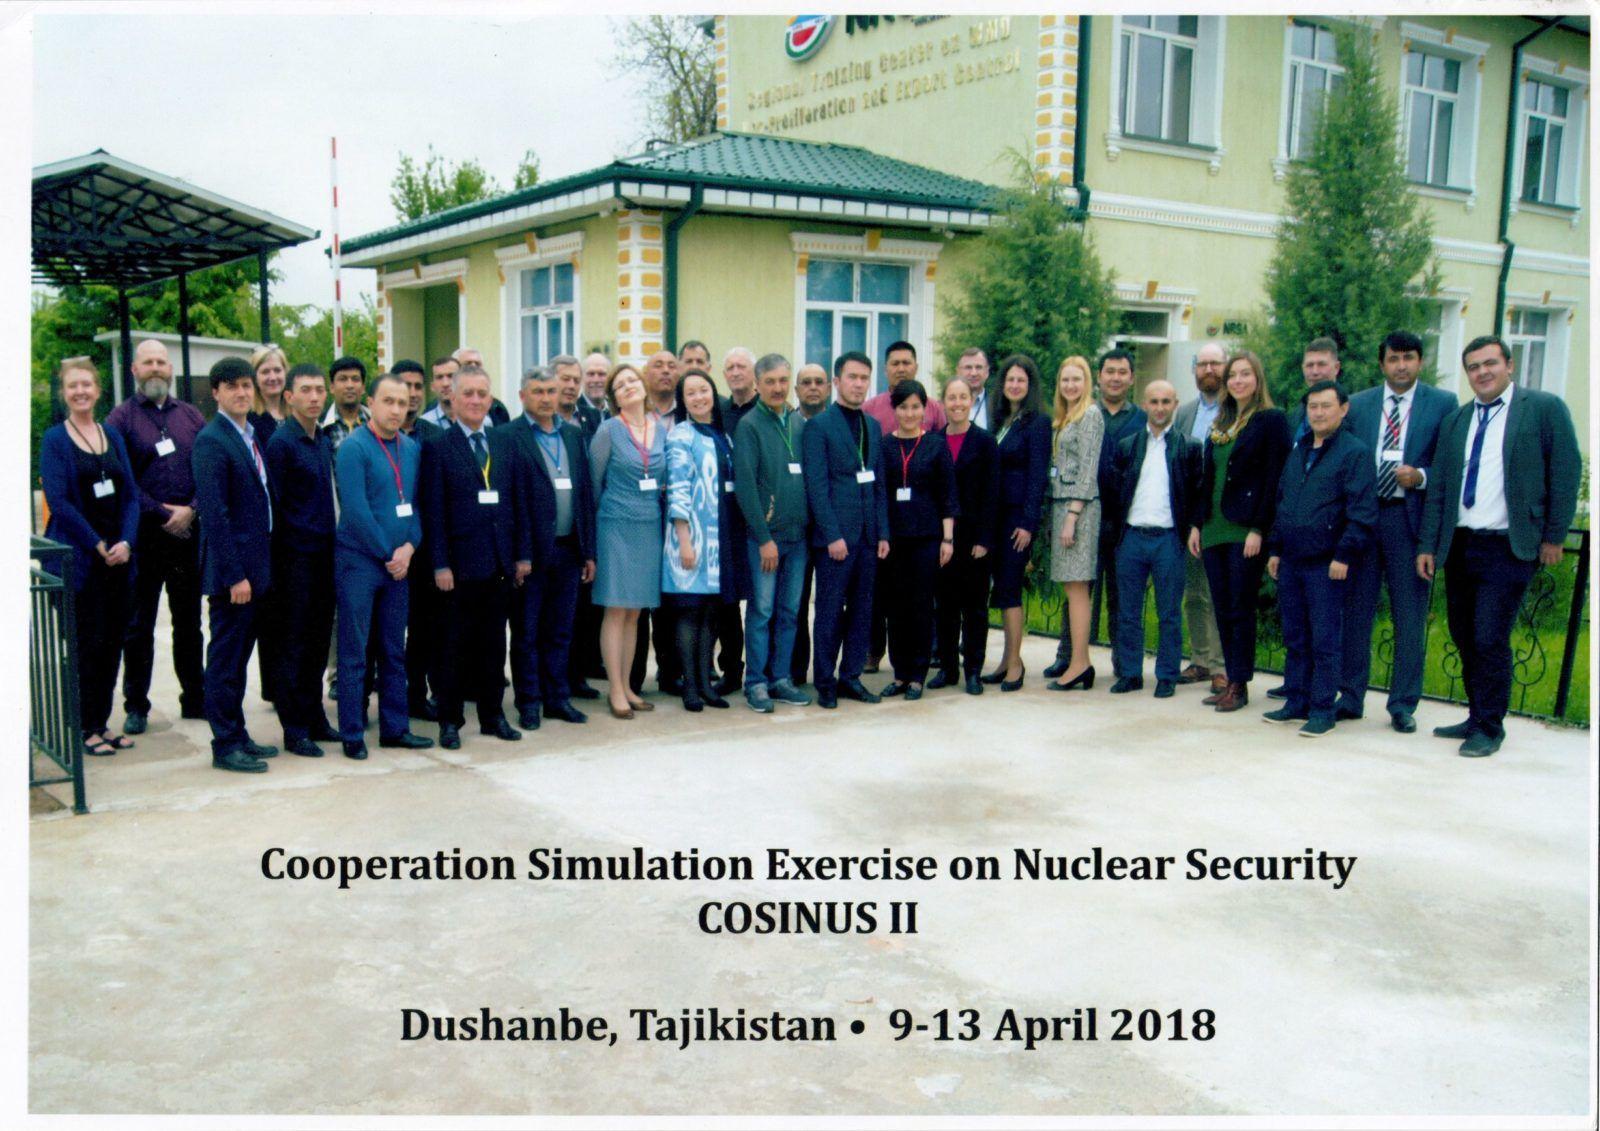 Учения по ядерной безопасности COSINUS II